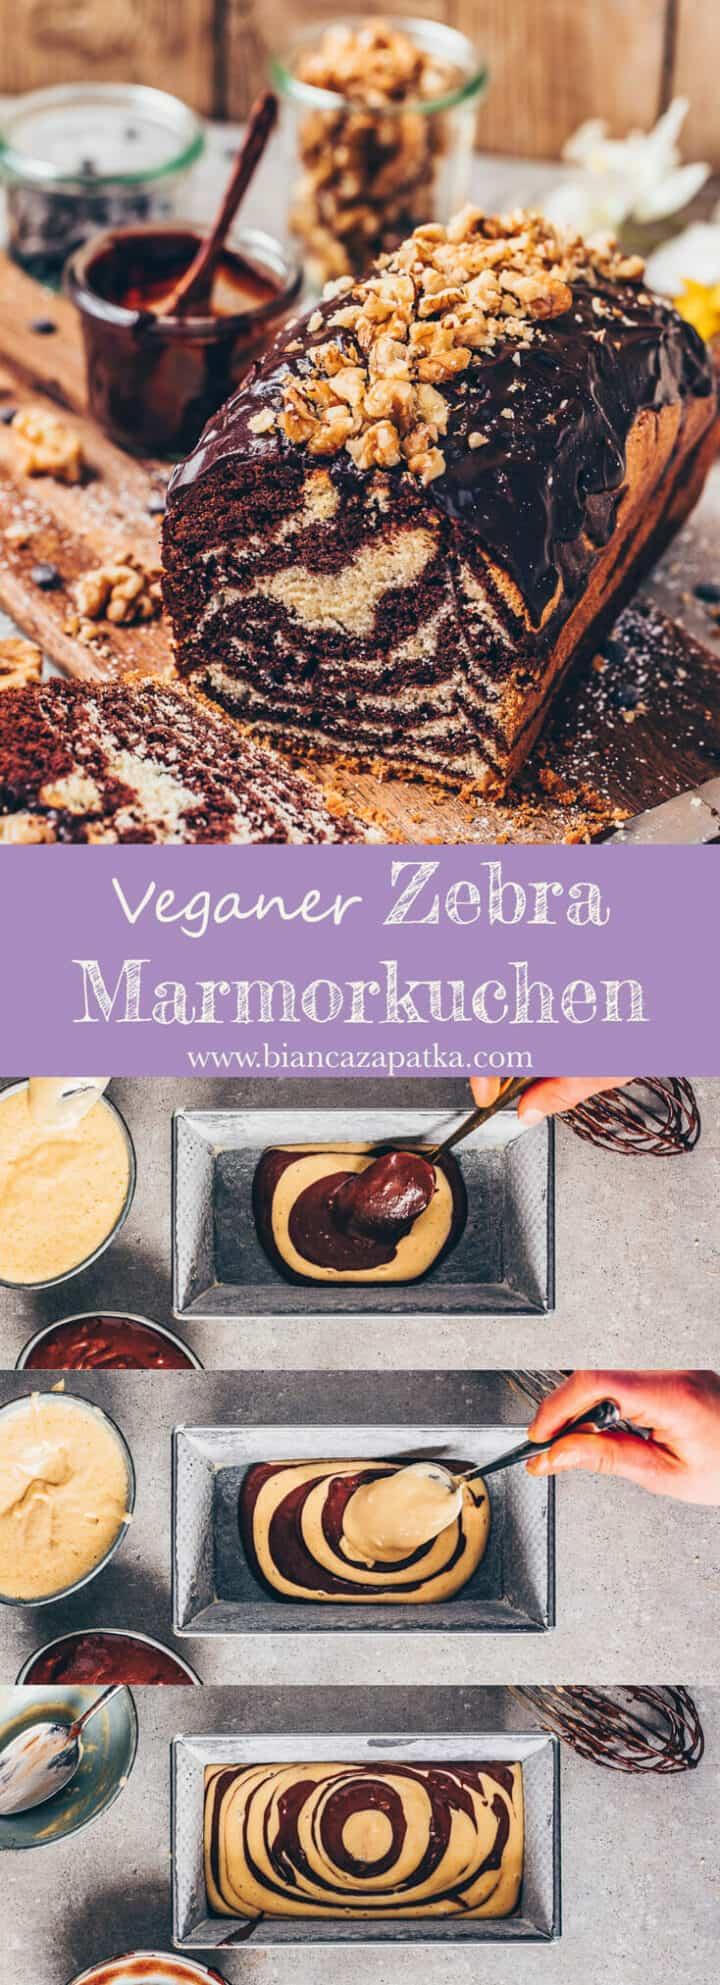 Dieser vegane Zebra-Kuchen kombiniert einen Schoko-Kuchen und einen Vanille-Kuchen in einem leckeren Marmorkuchen. Er ist einfach und schnell zubereitet!